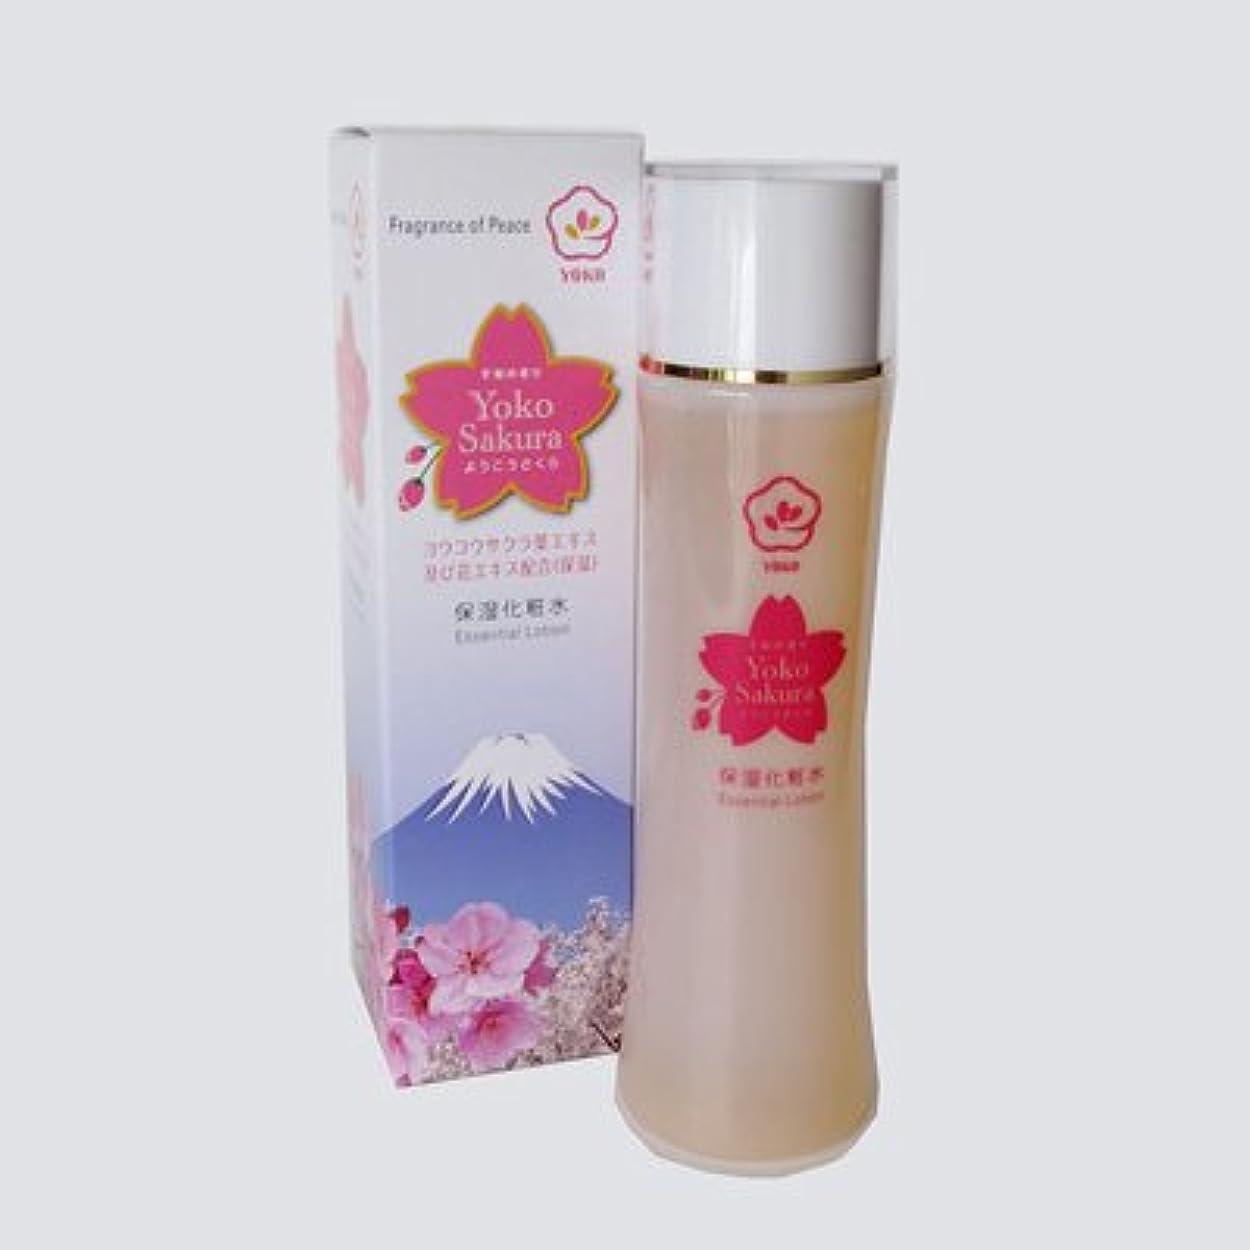 シーズン領域対称陽光ローション(保湿化粧水) 陽光桜のエキス配合の保湿化粧水。敏感肌の方にもどうぞ